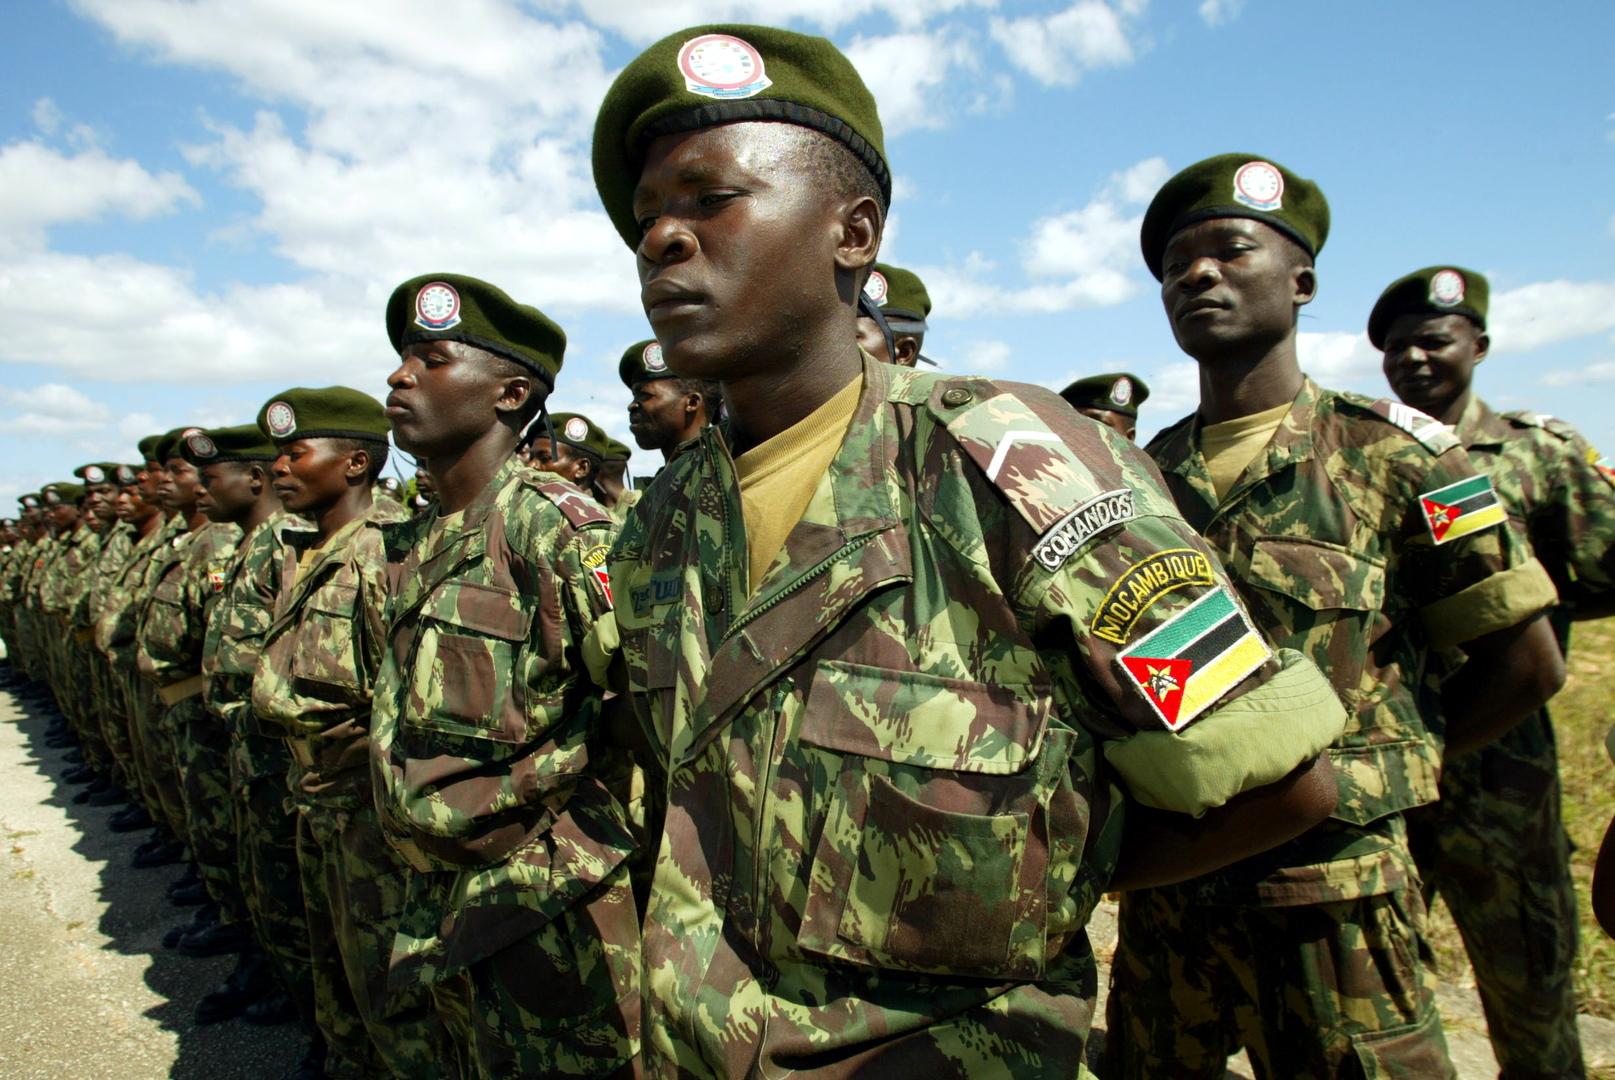 الشرطة: العثور على جثث 12 شخصا مذبوحين يحتمل أنهم أجانب في هجوم على بلدة بموزمبيق